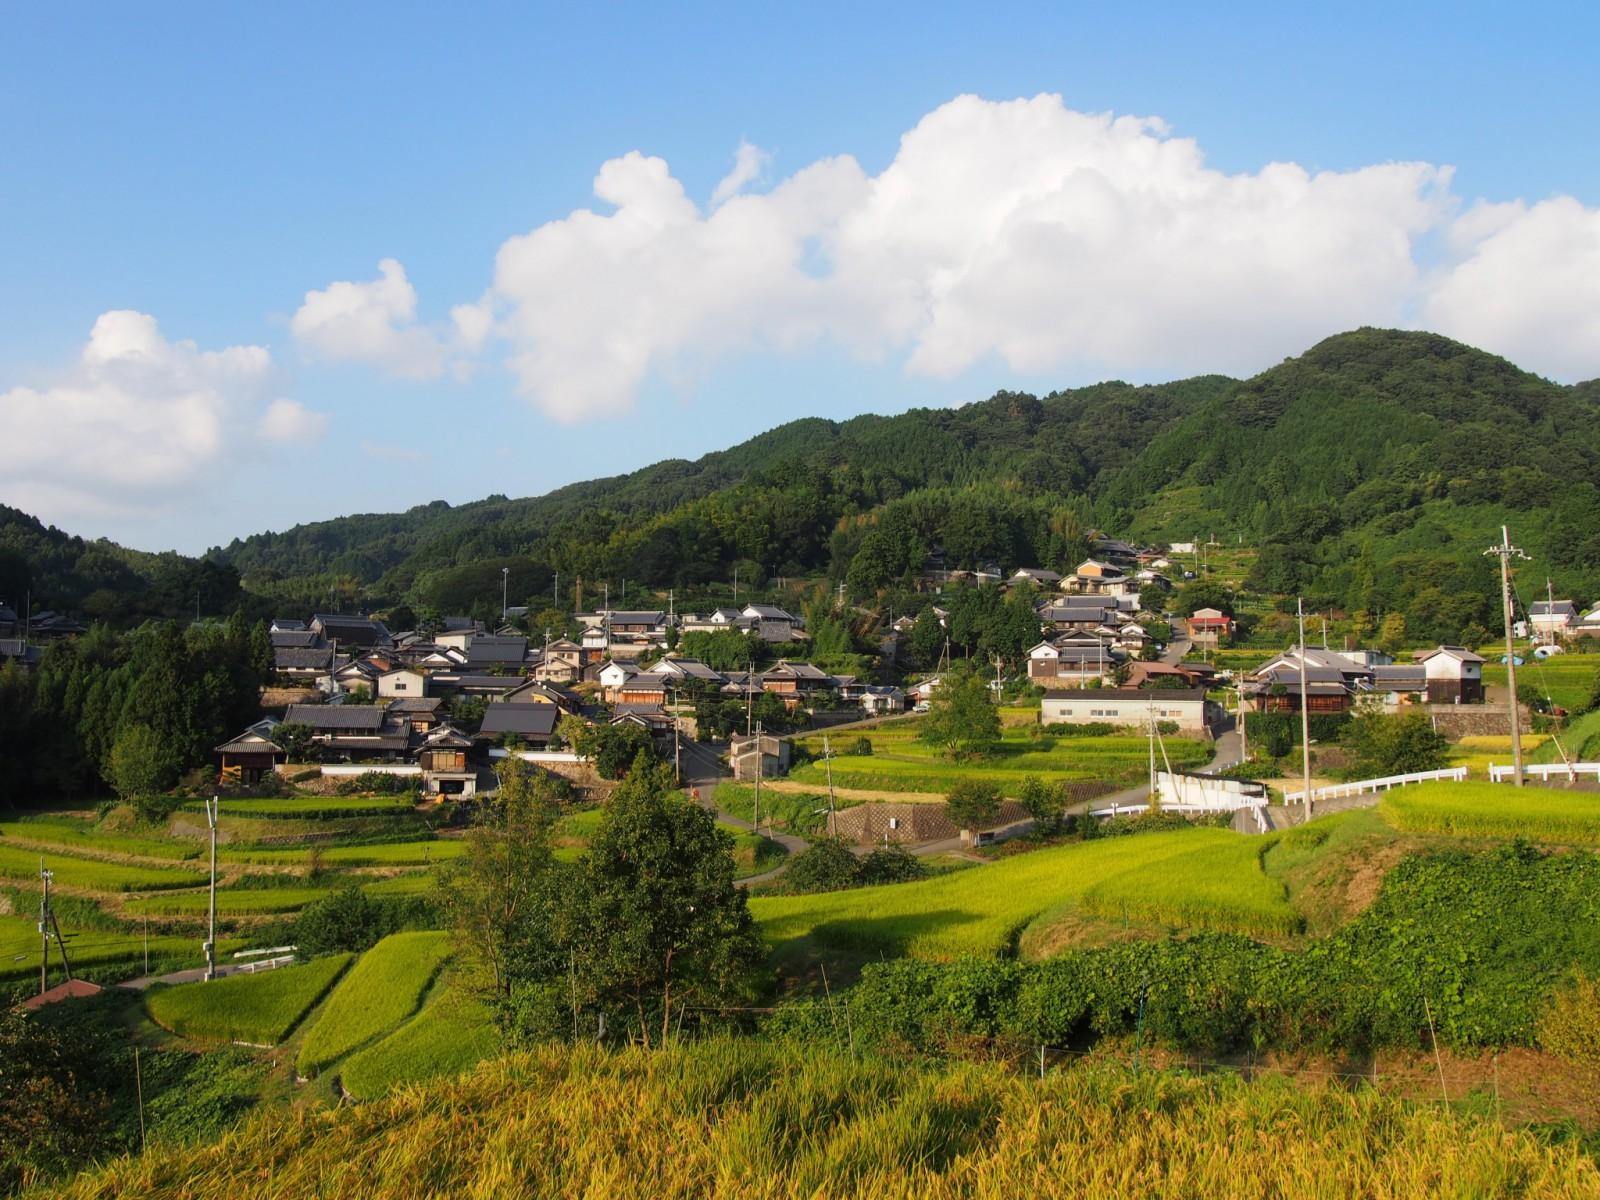 中畑町の集落と棚田を望む